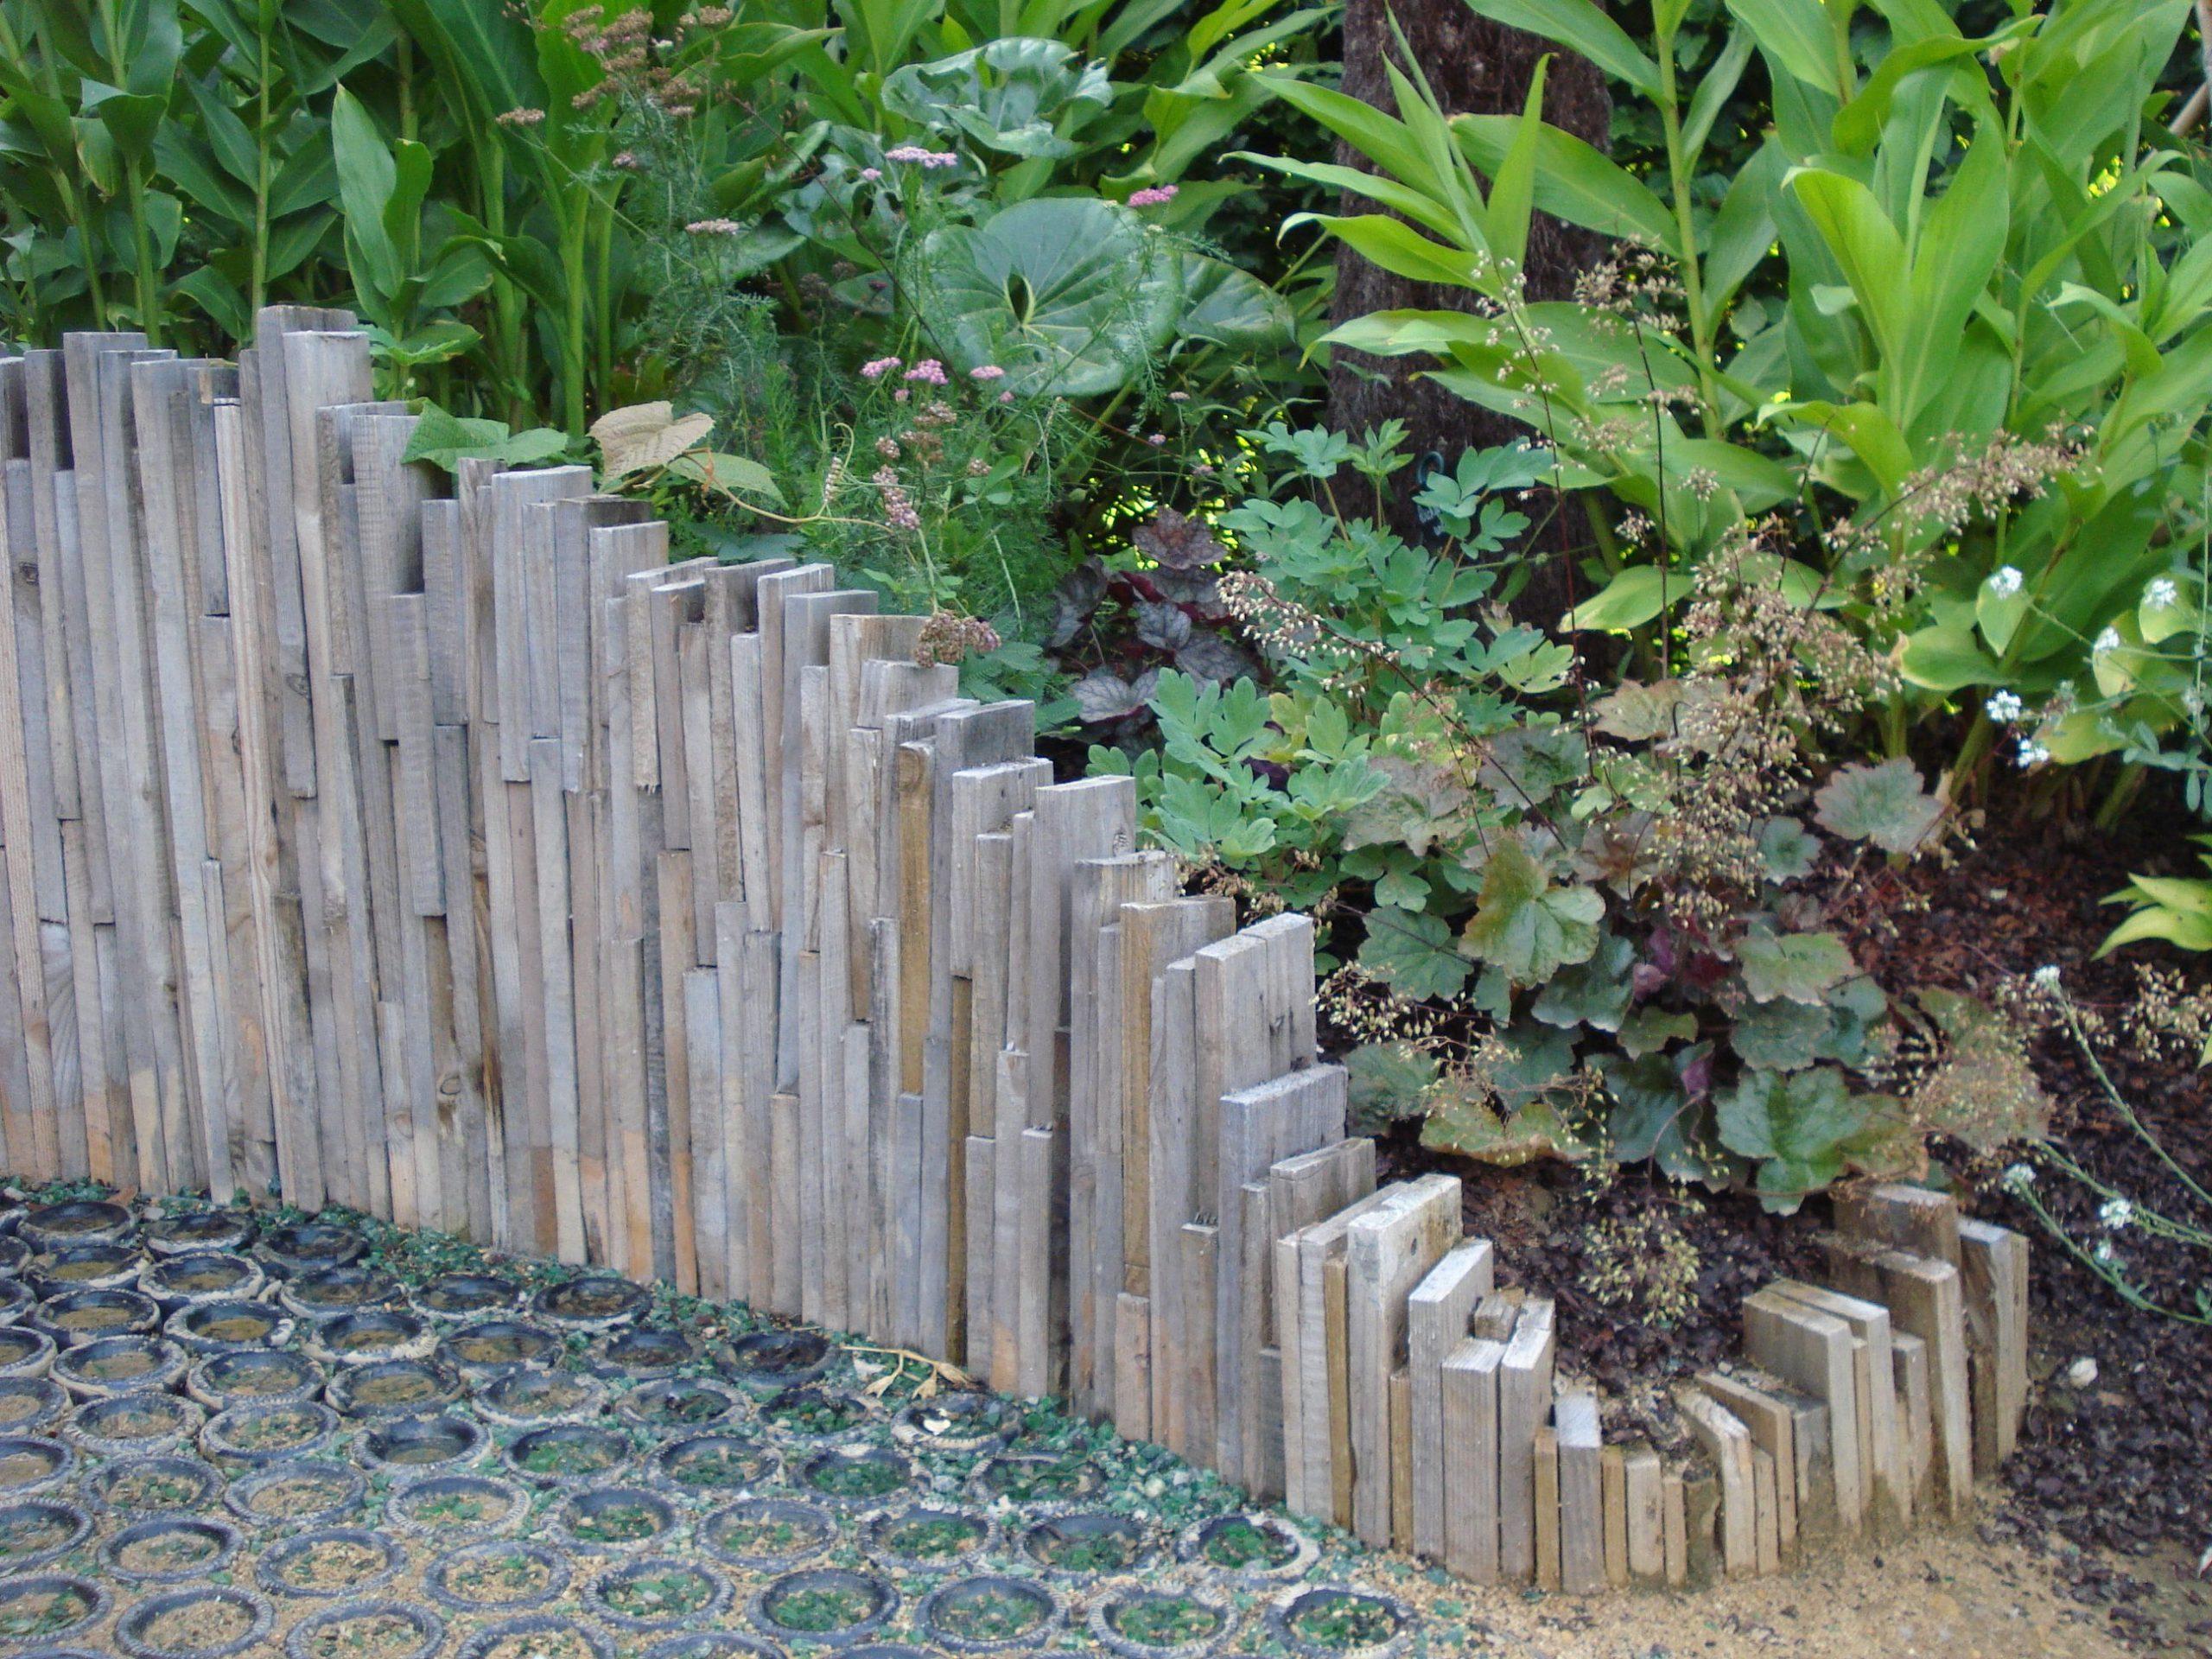 Originale Bordure | Bordure Jardin, Déco Jardin, Idées Jardin tout Bordure Jardin Zinc